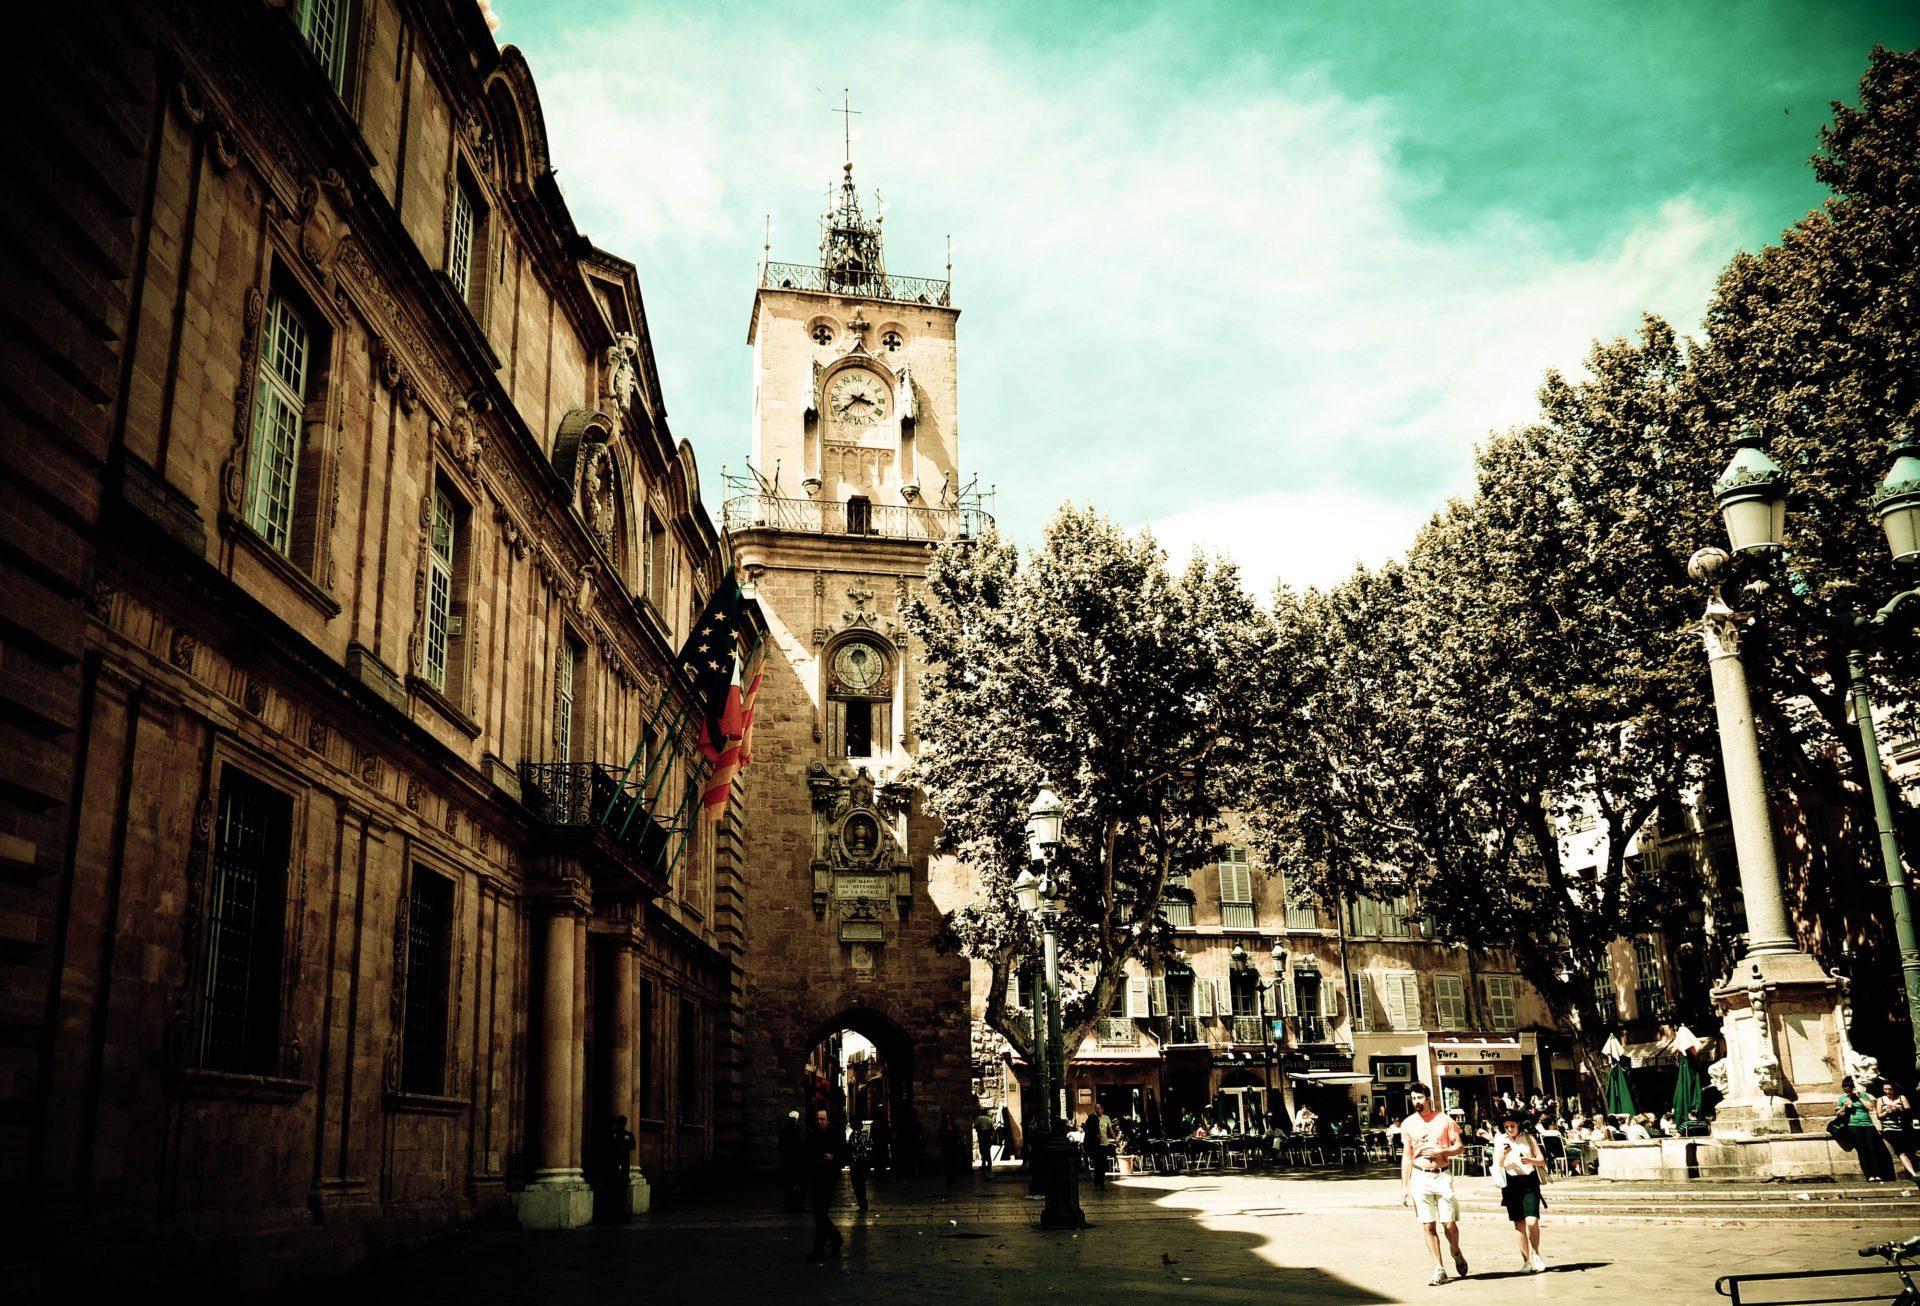 Annonce Cougar D'une Femme Mature à Bordeaux